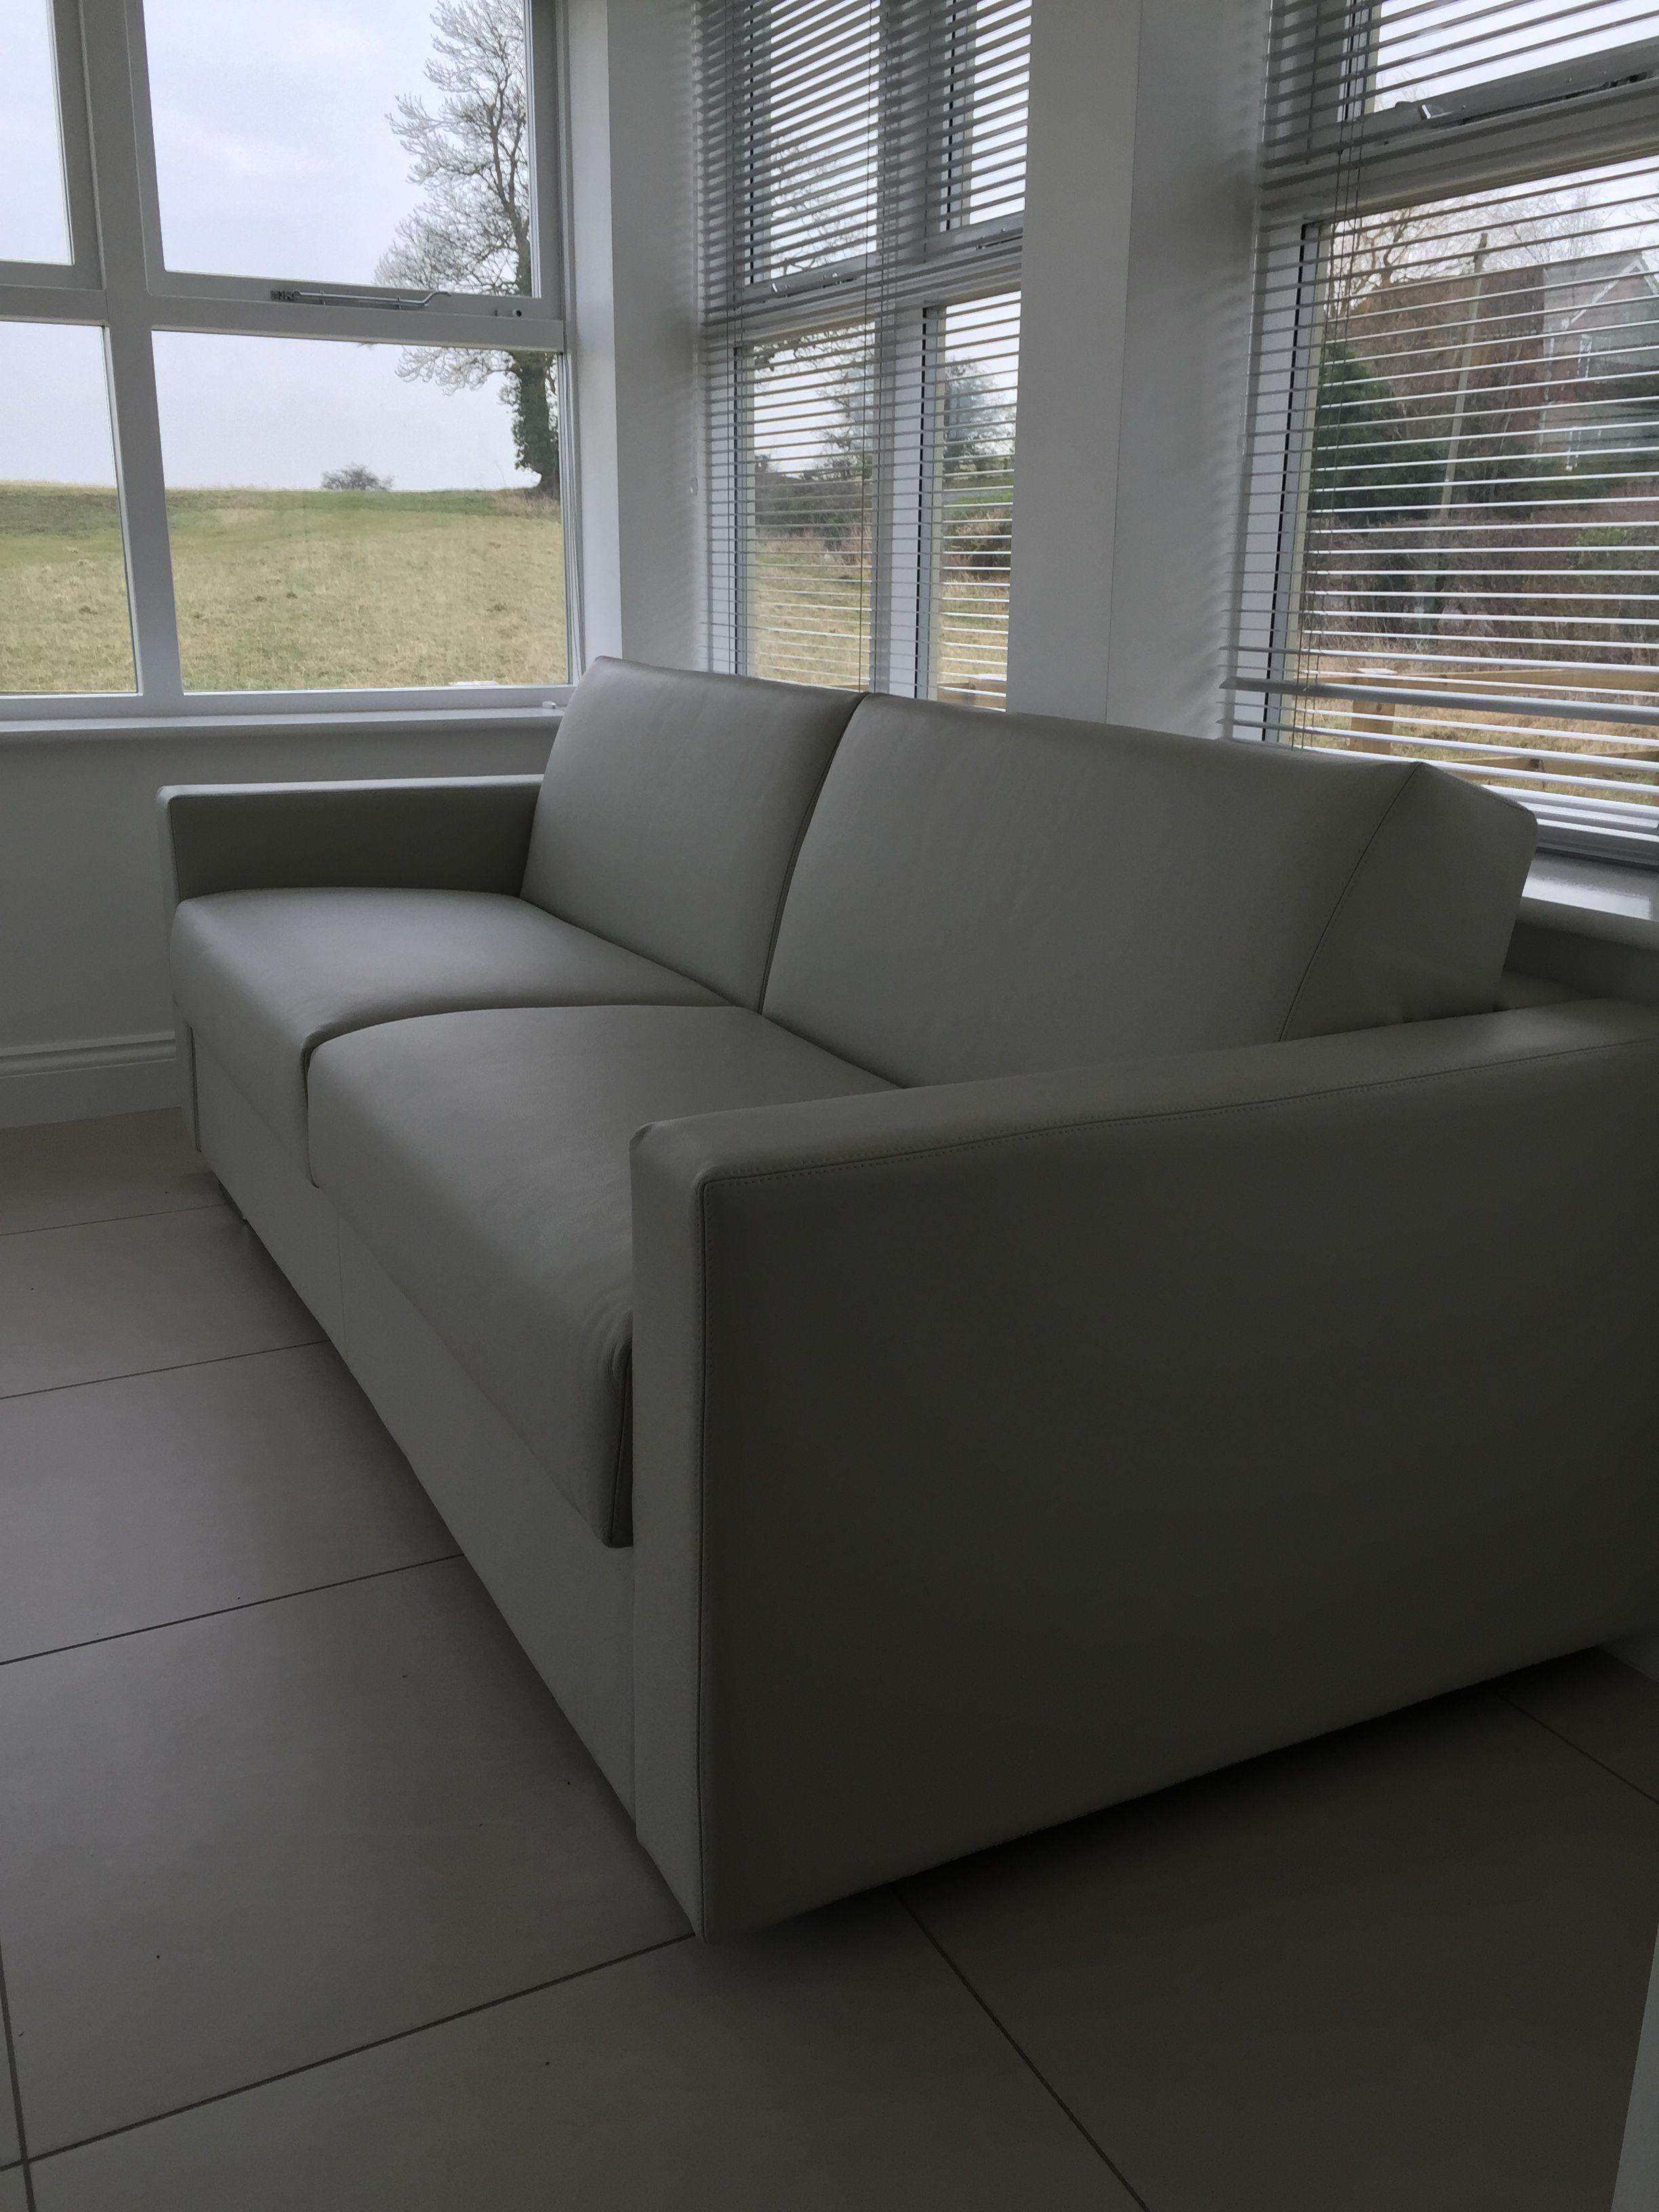 Lario Italian Sofa Bed In Dalmata Leather Italian Sofa Sofa Luxury Sofa Bed